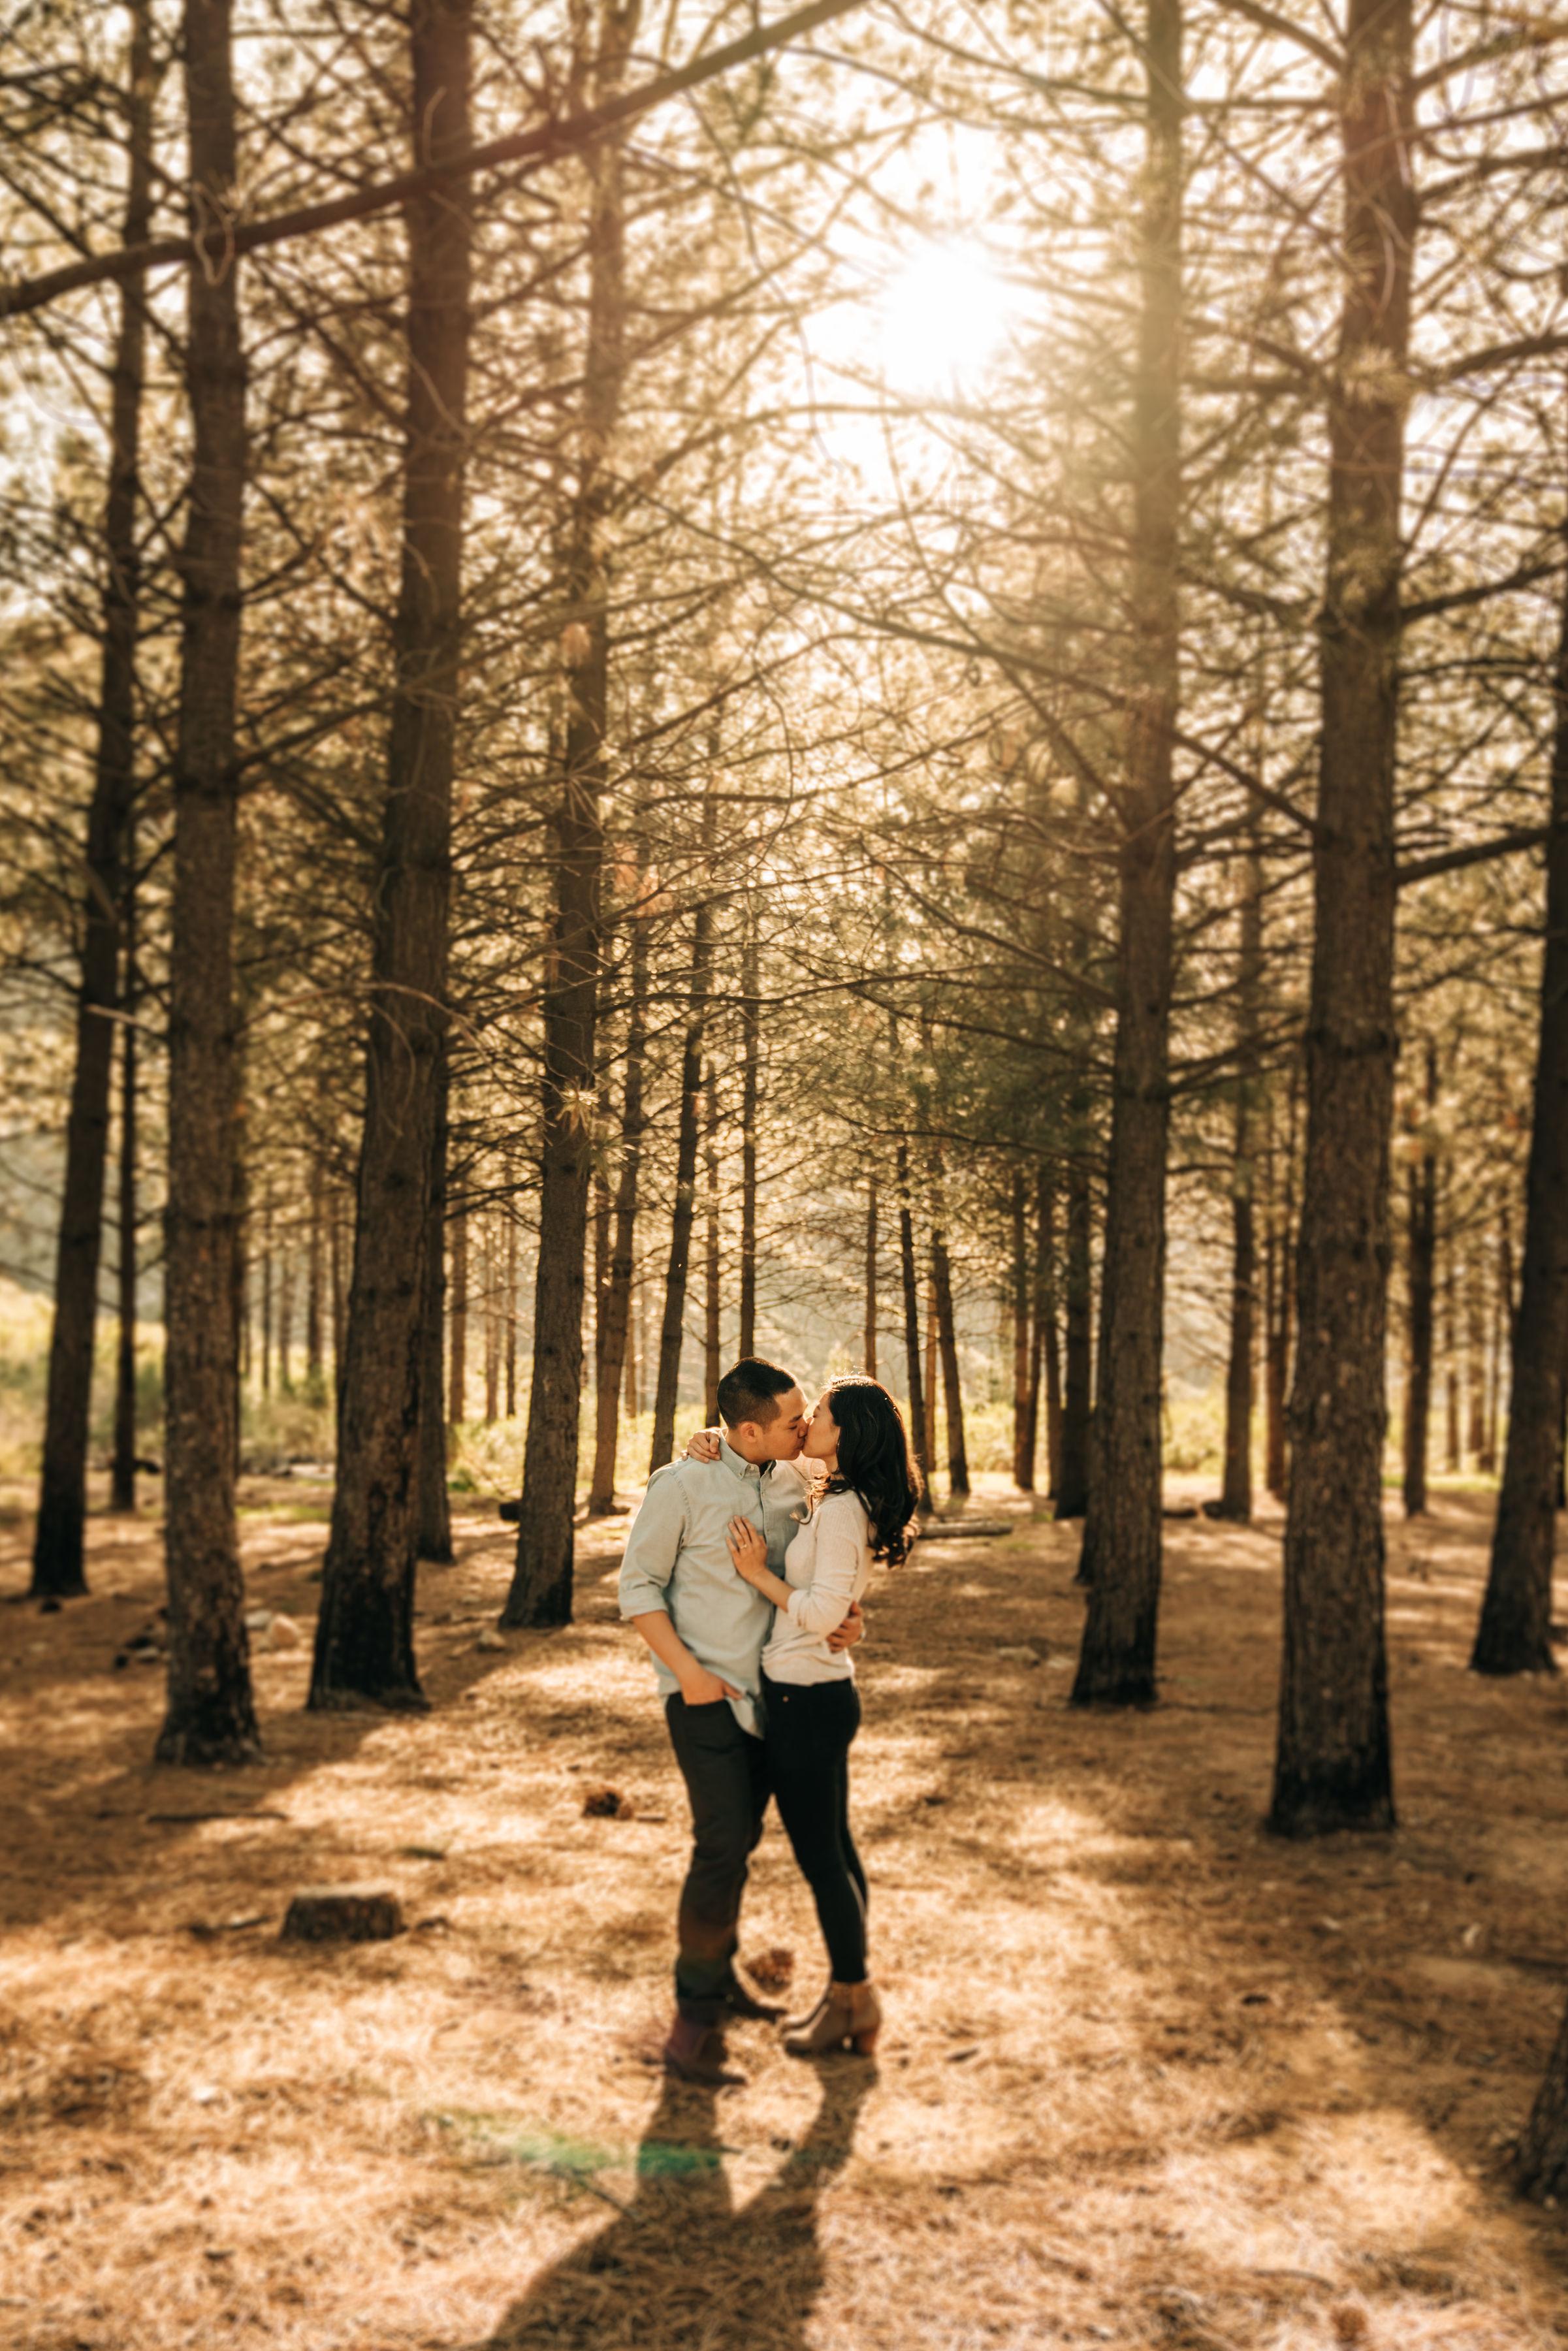 la-forest-engagement-photos-031.jpg